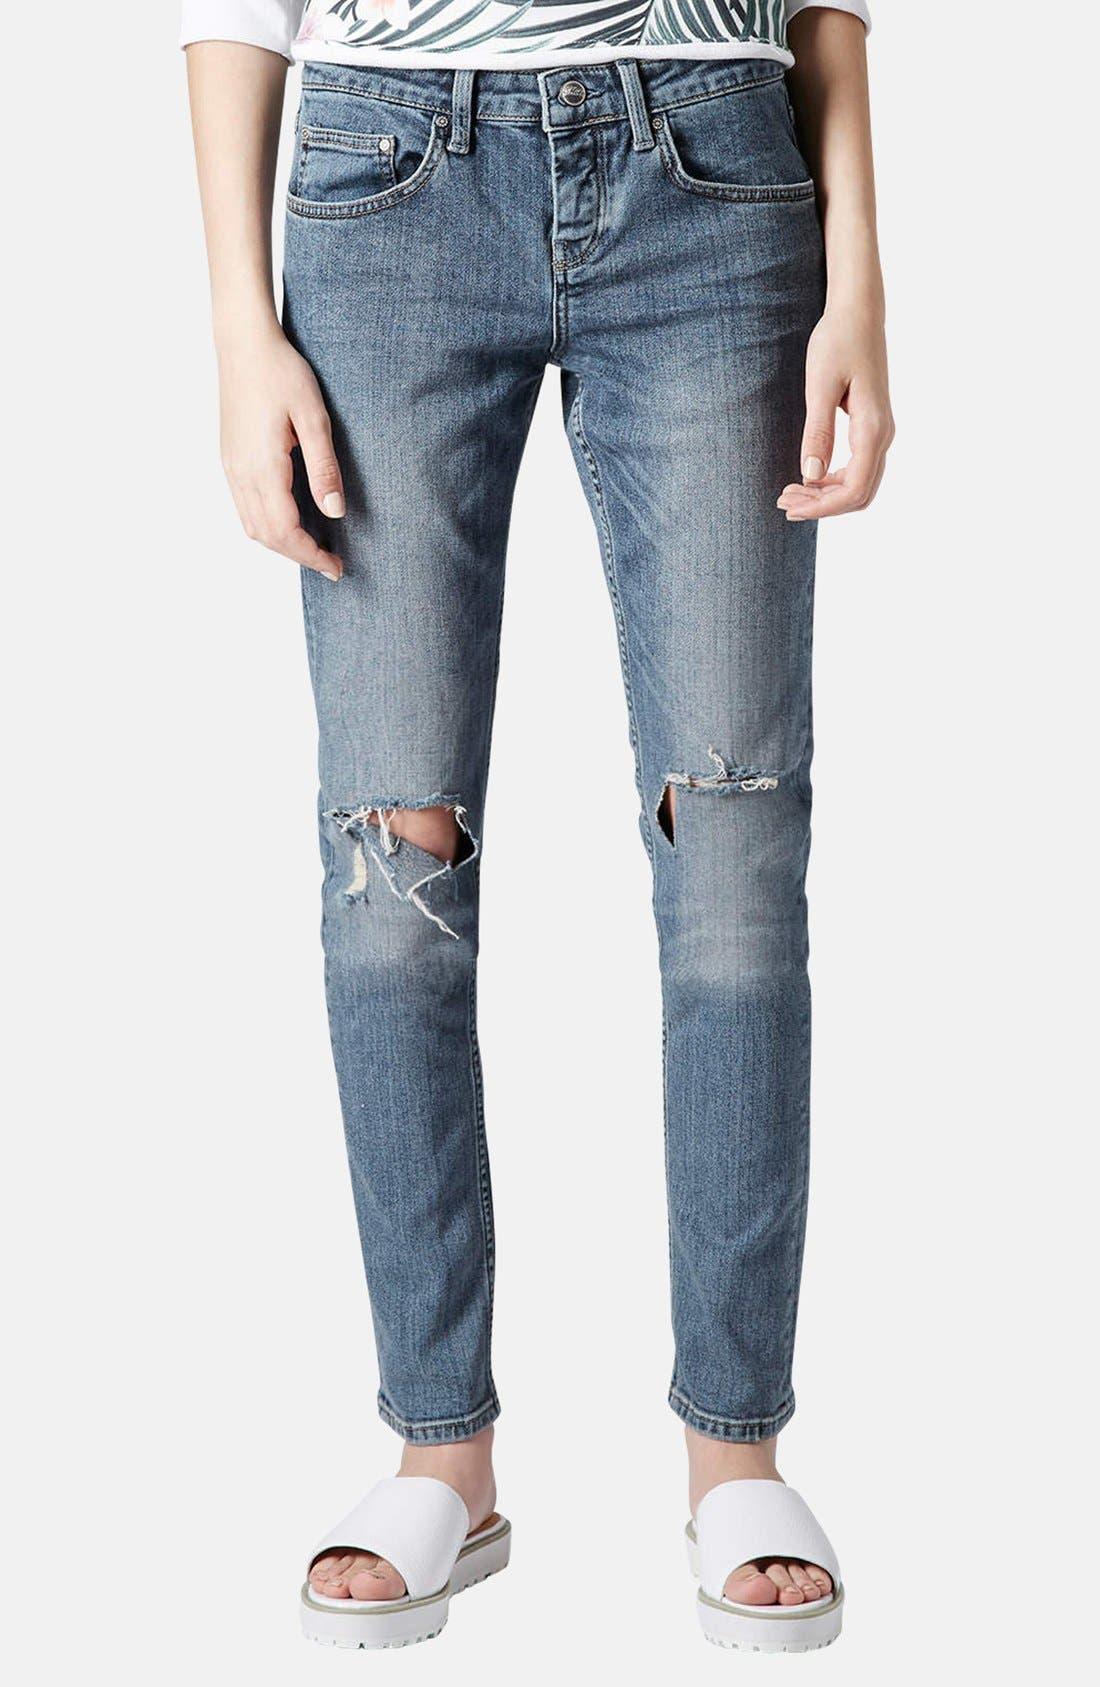 Main Image - Topshop Moto 'Rita' Distressed Skinny Jeans (Mid Denim) (Short)